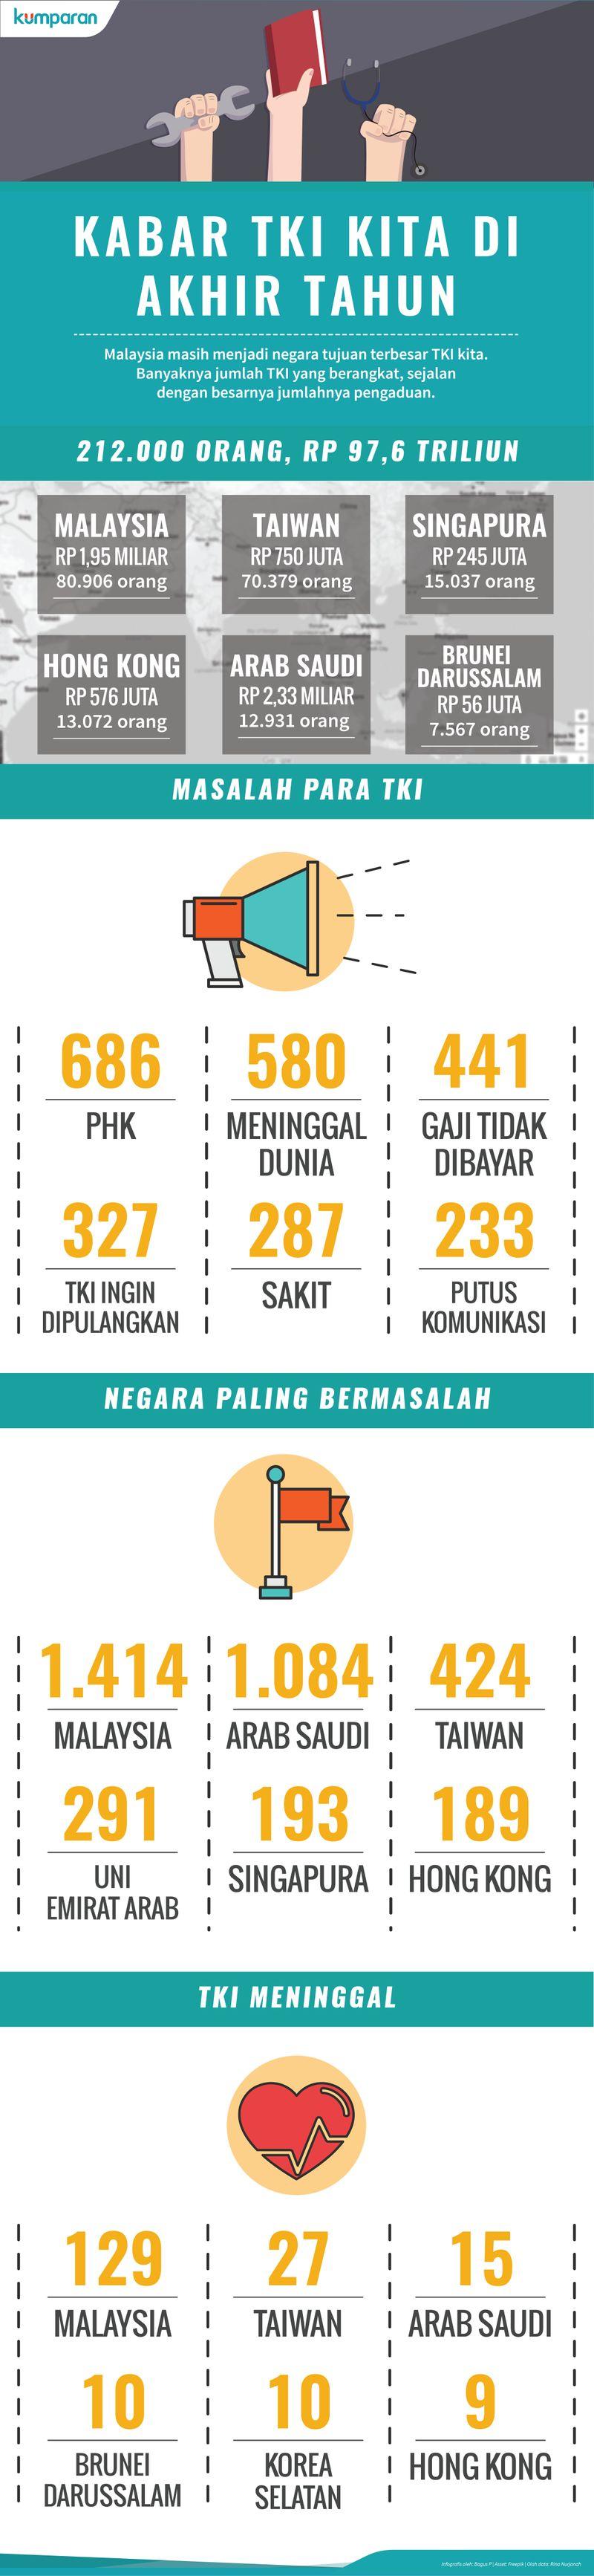 Infografis TKI Indonesia 2016